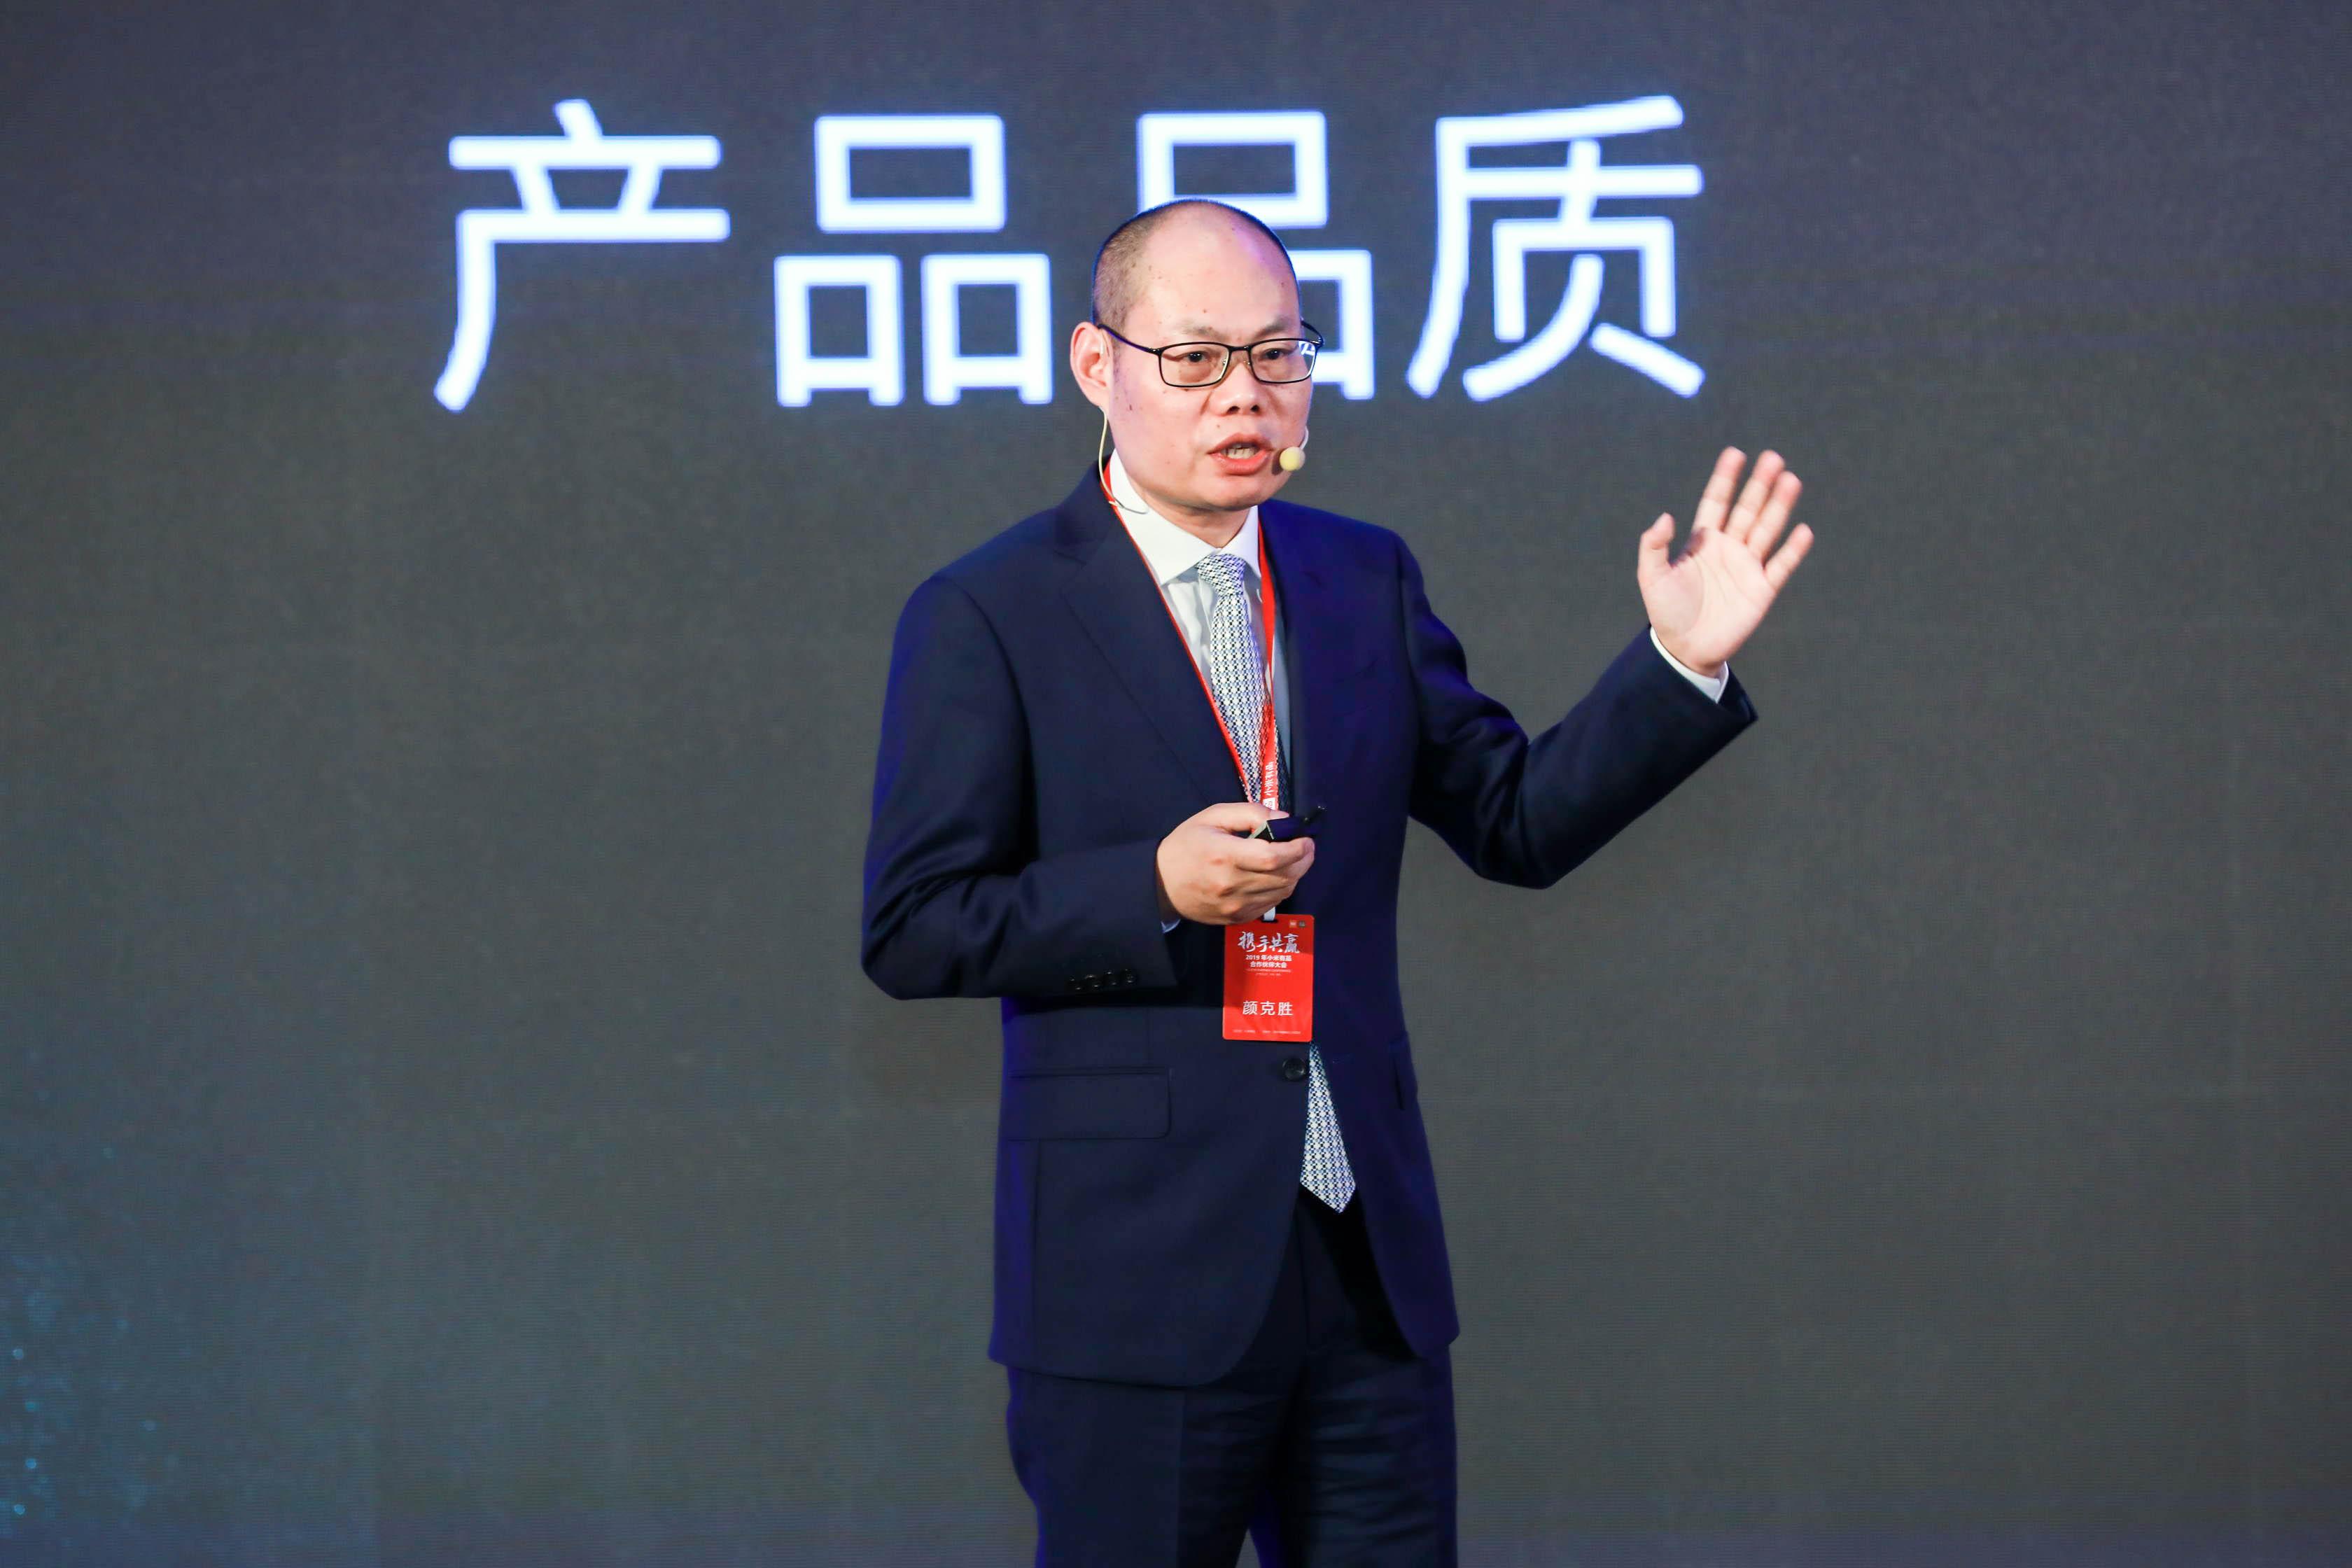 小米质量委主席颜克胜:小米有品将严格把控质量关